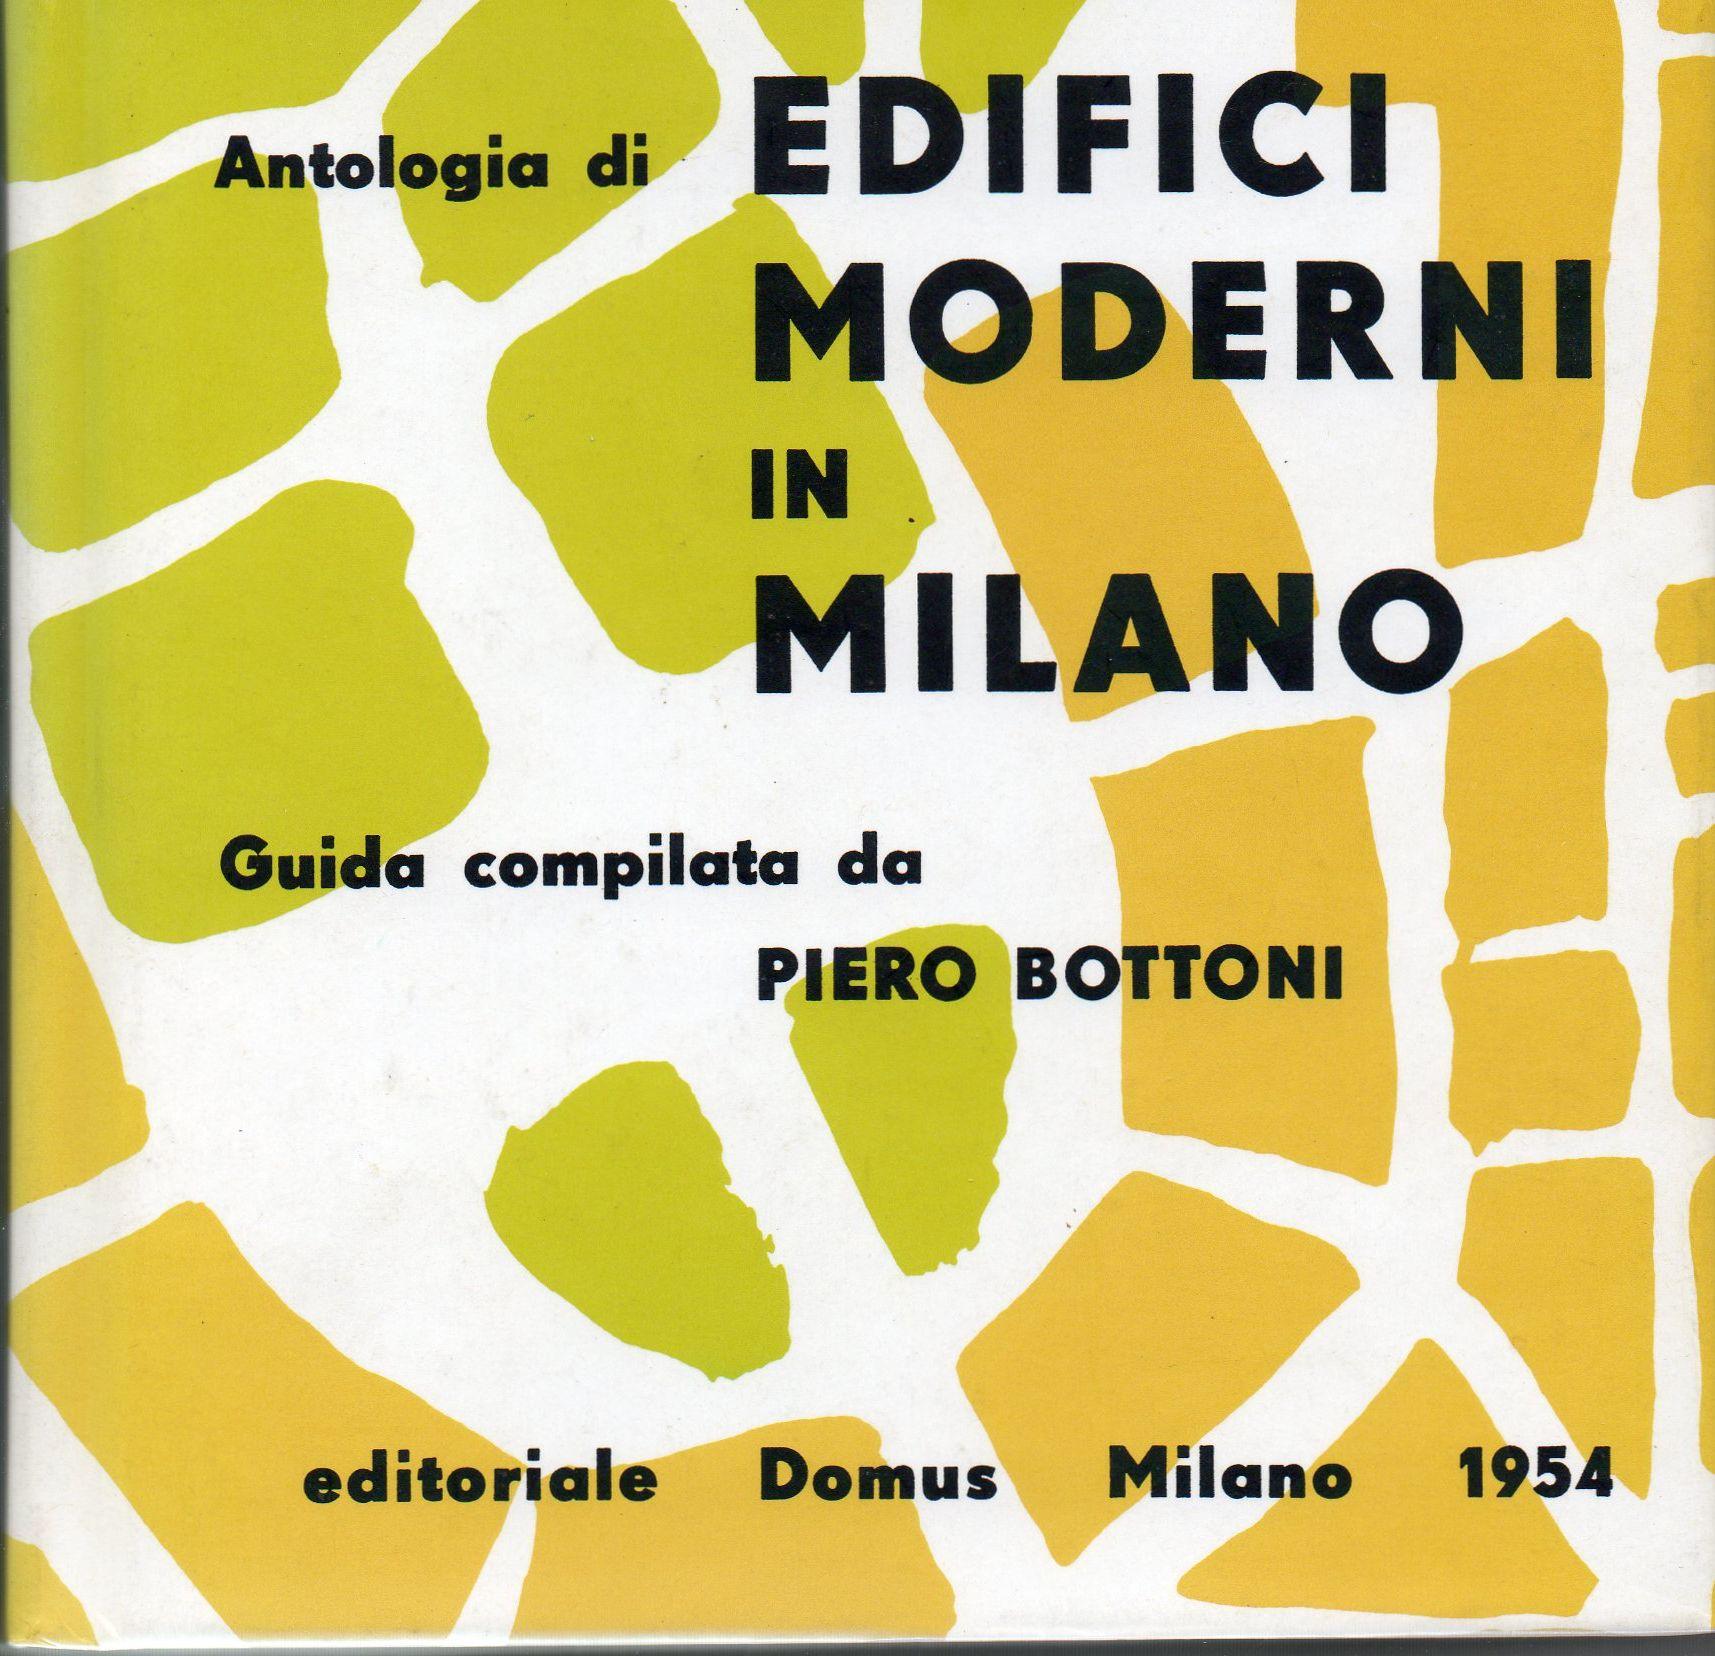 Antologia di edifici moderni in Milano